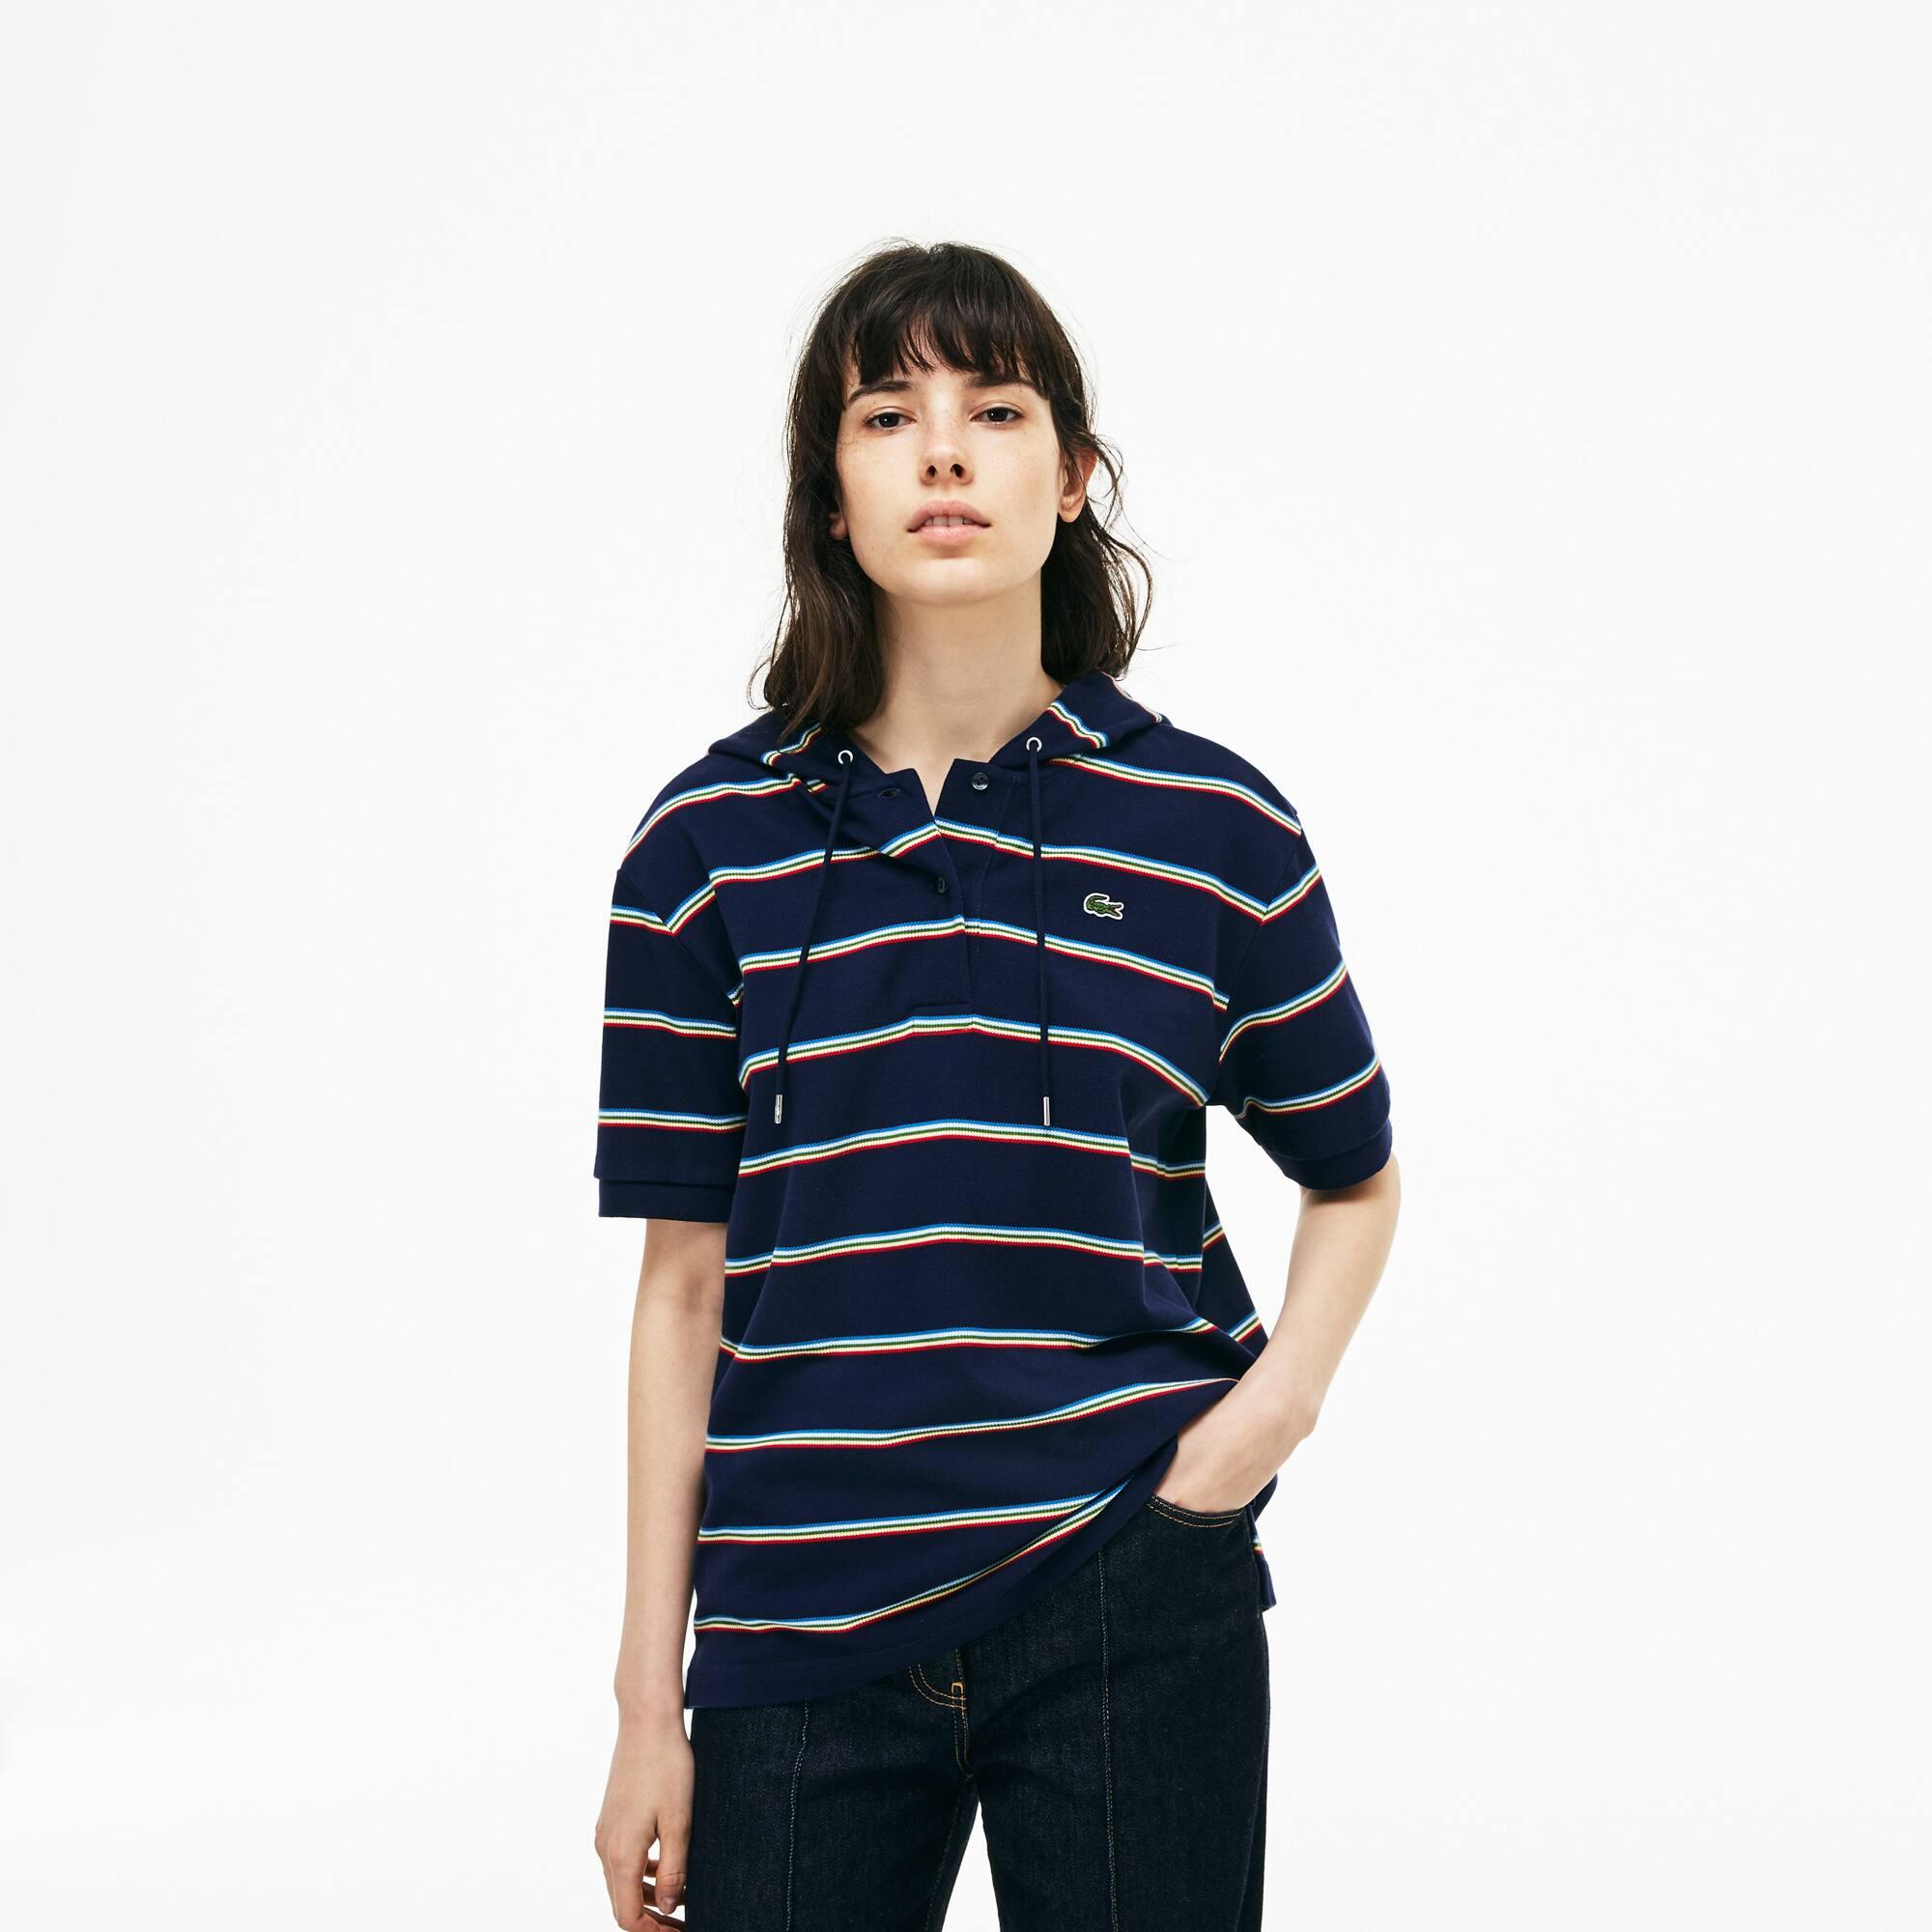 Damen LACOSTE Poloshirt aus Petit Piqué mit Kapuze